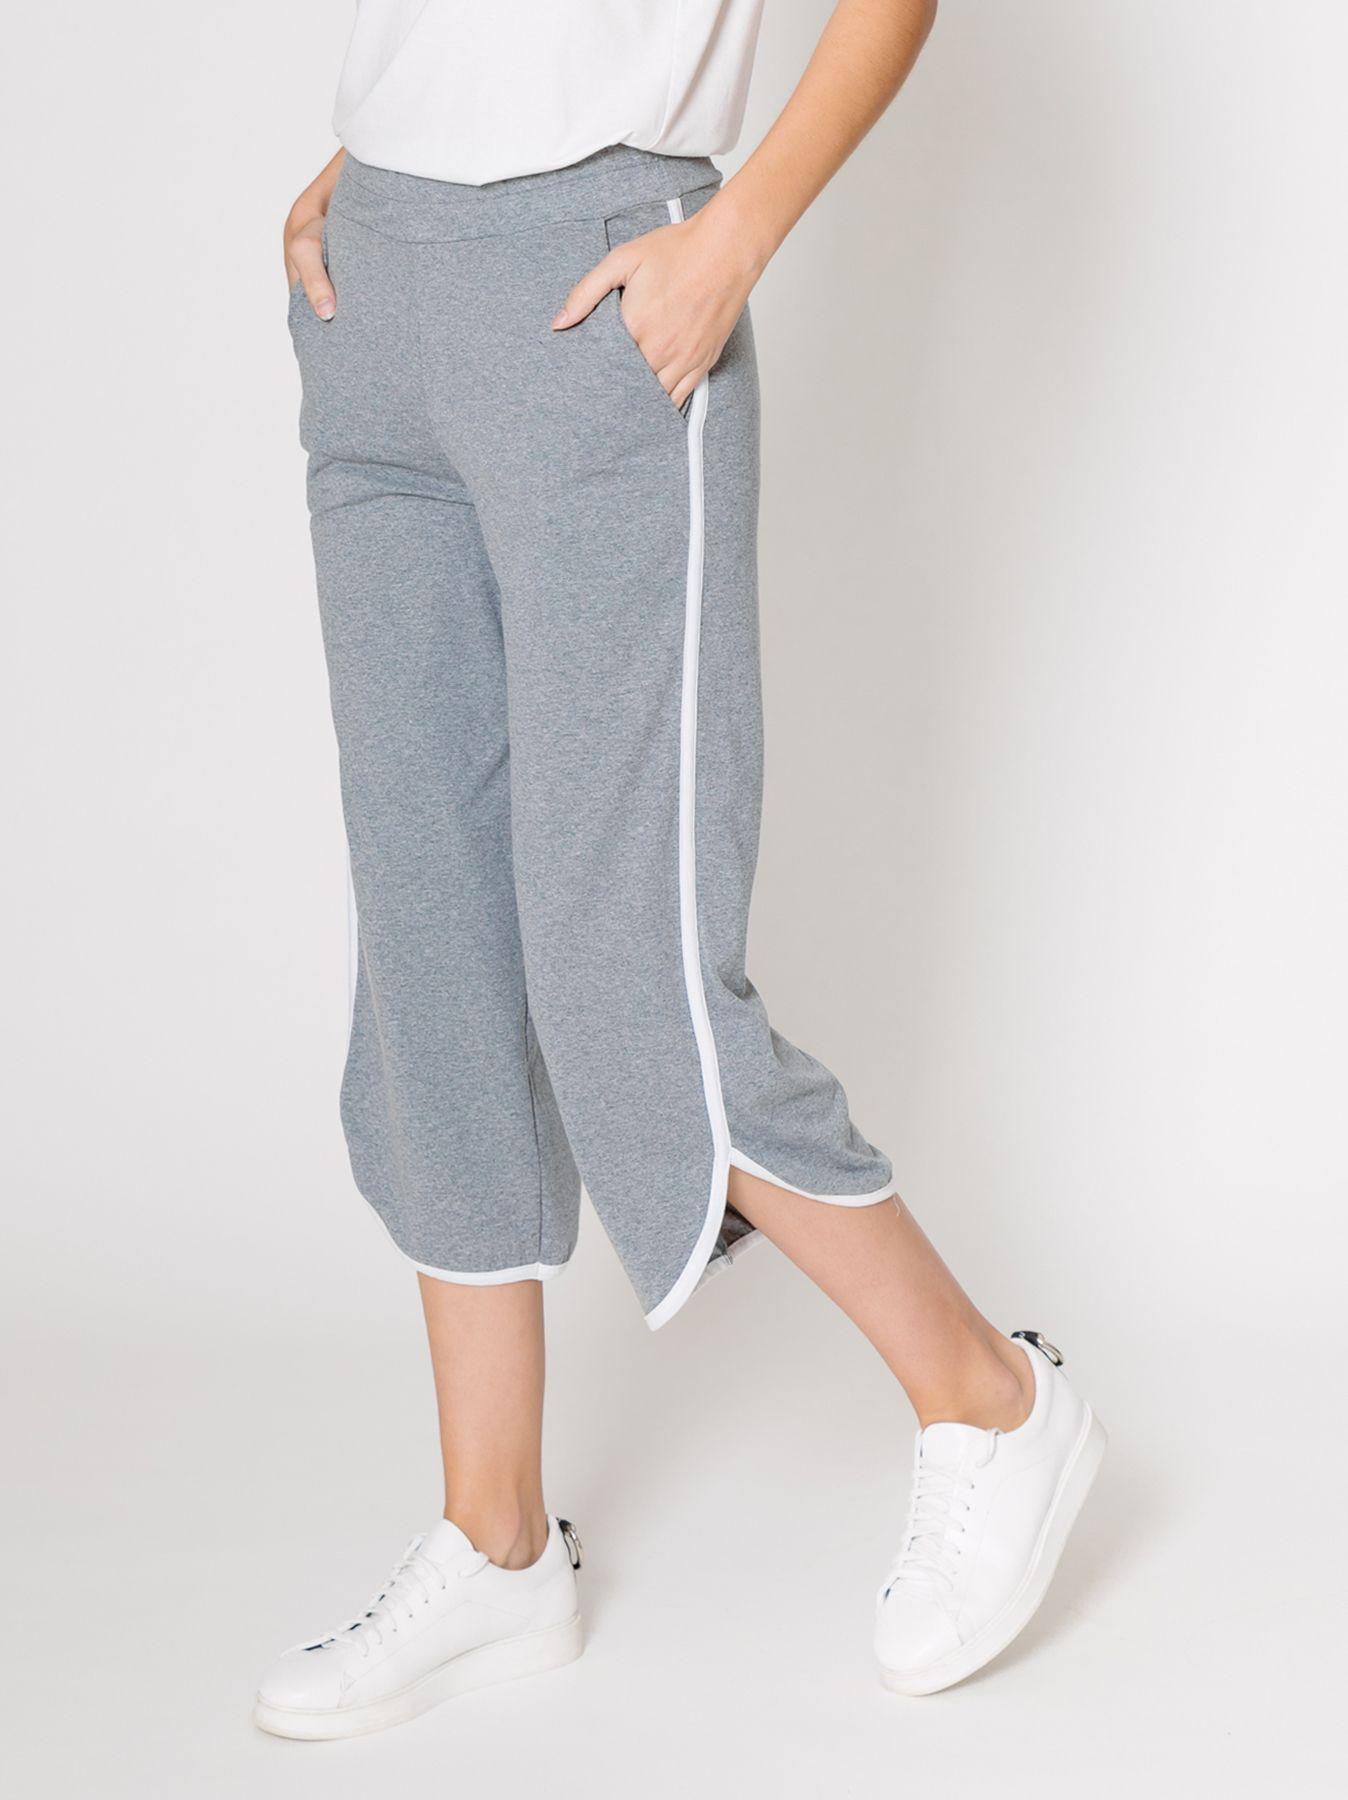 Pantalone in jersey di cotone